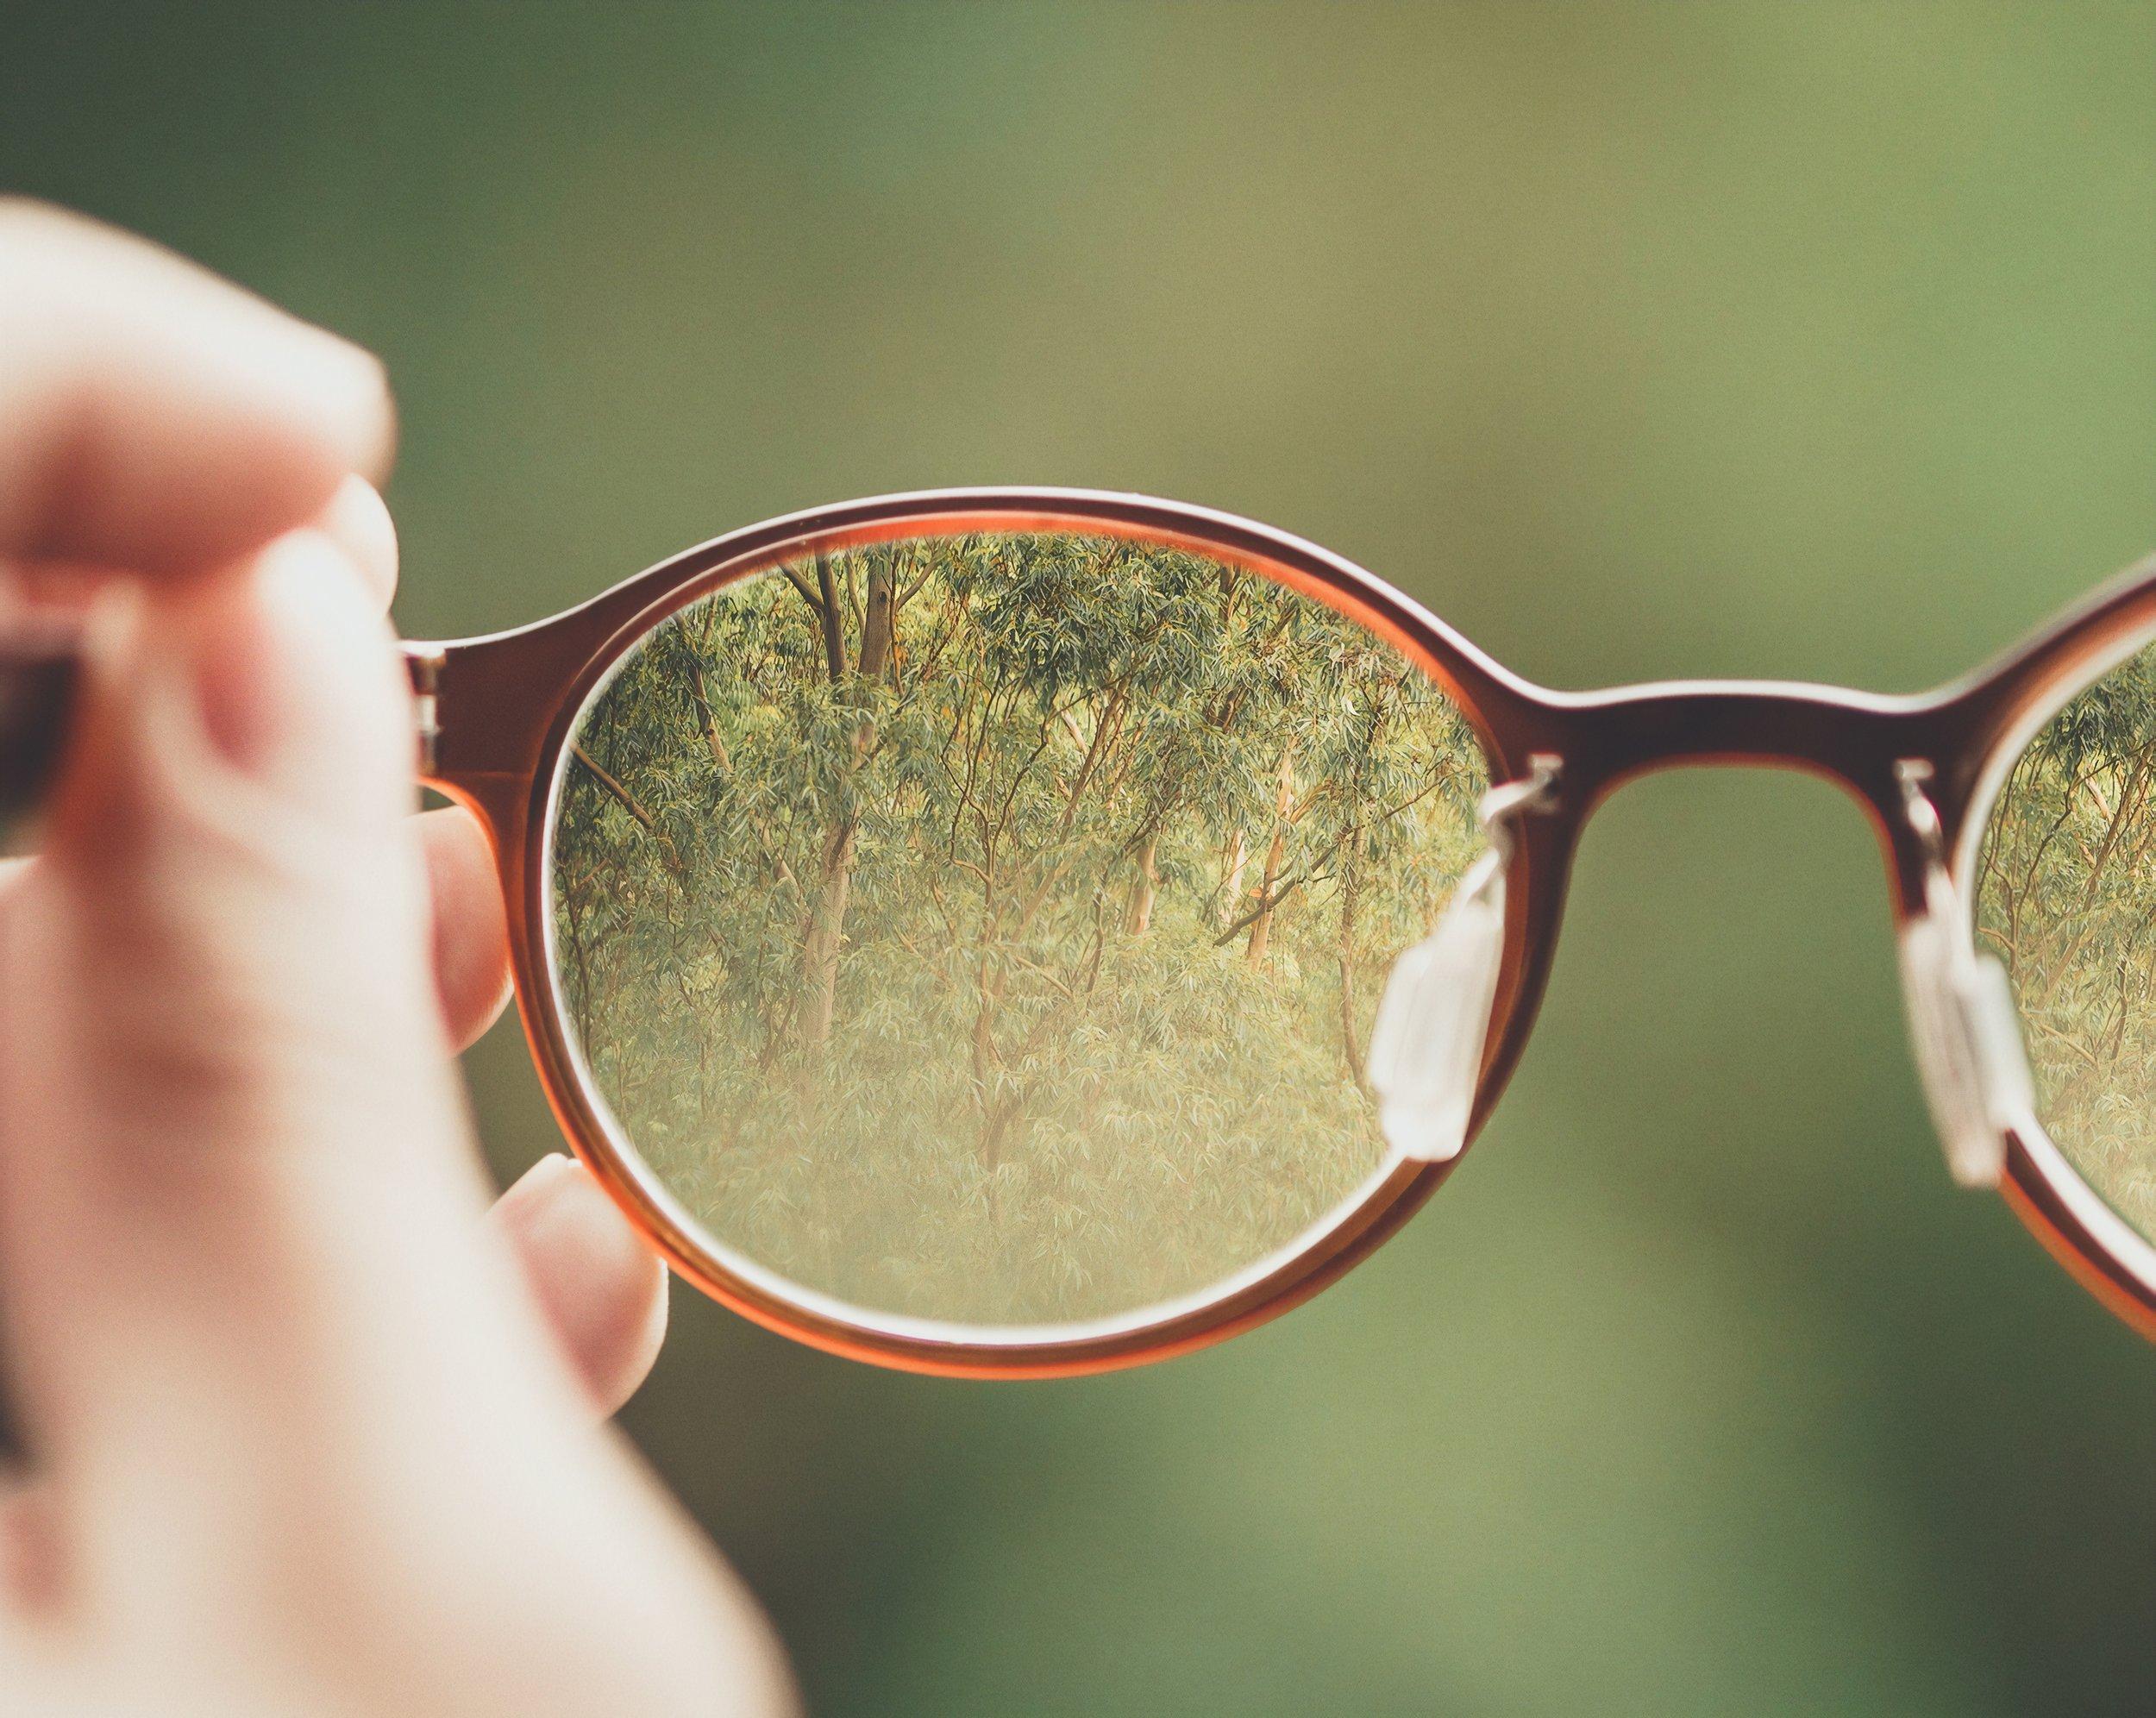 glasses -bud-helisson-465328-unsplash.jpg